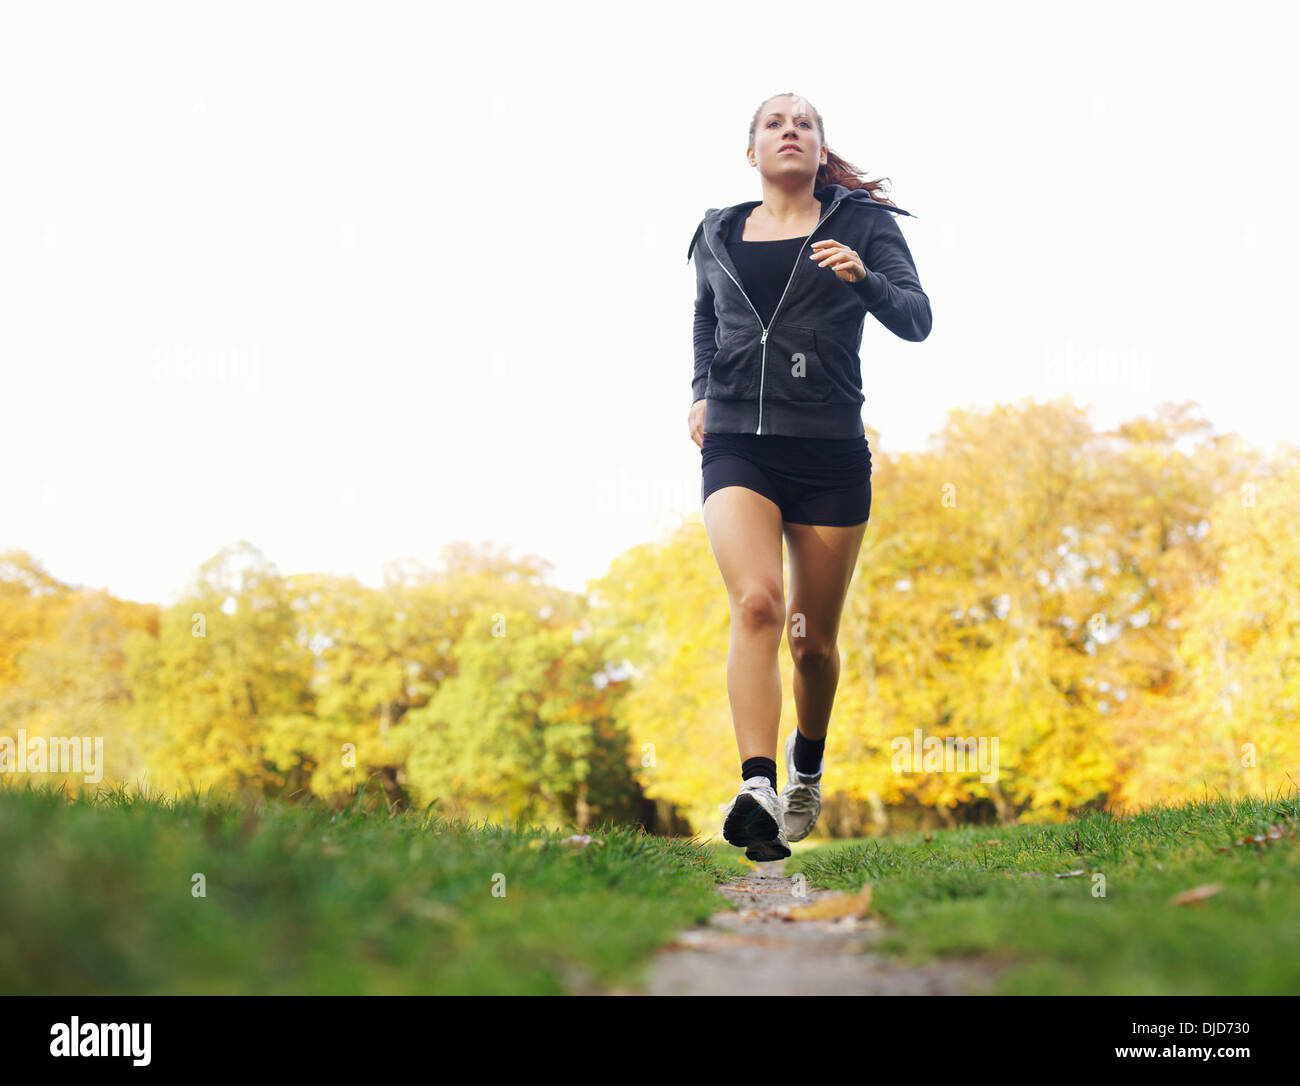 Longueur totale de droit d'une jeune femme jogging en parc. Athlète féminine caucasienne runner d'exécution. La Banque D'Images